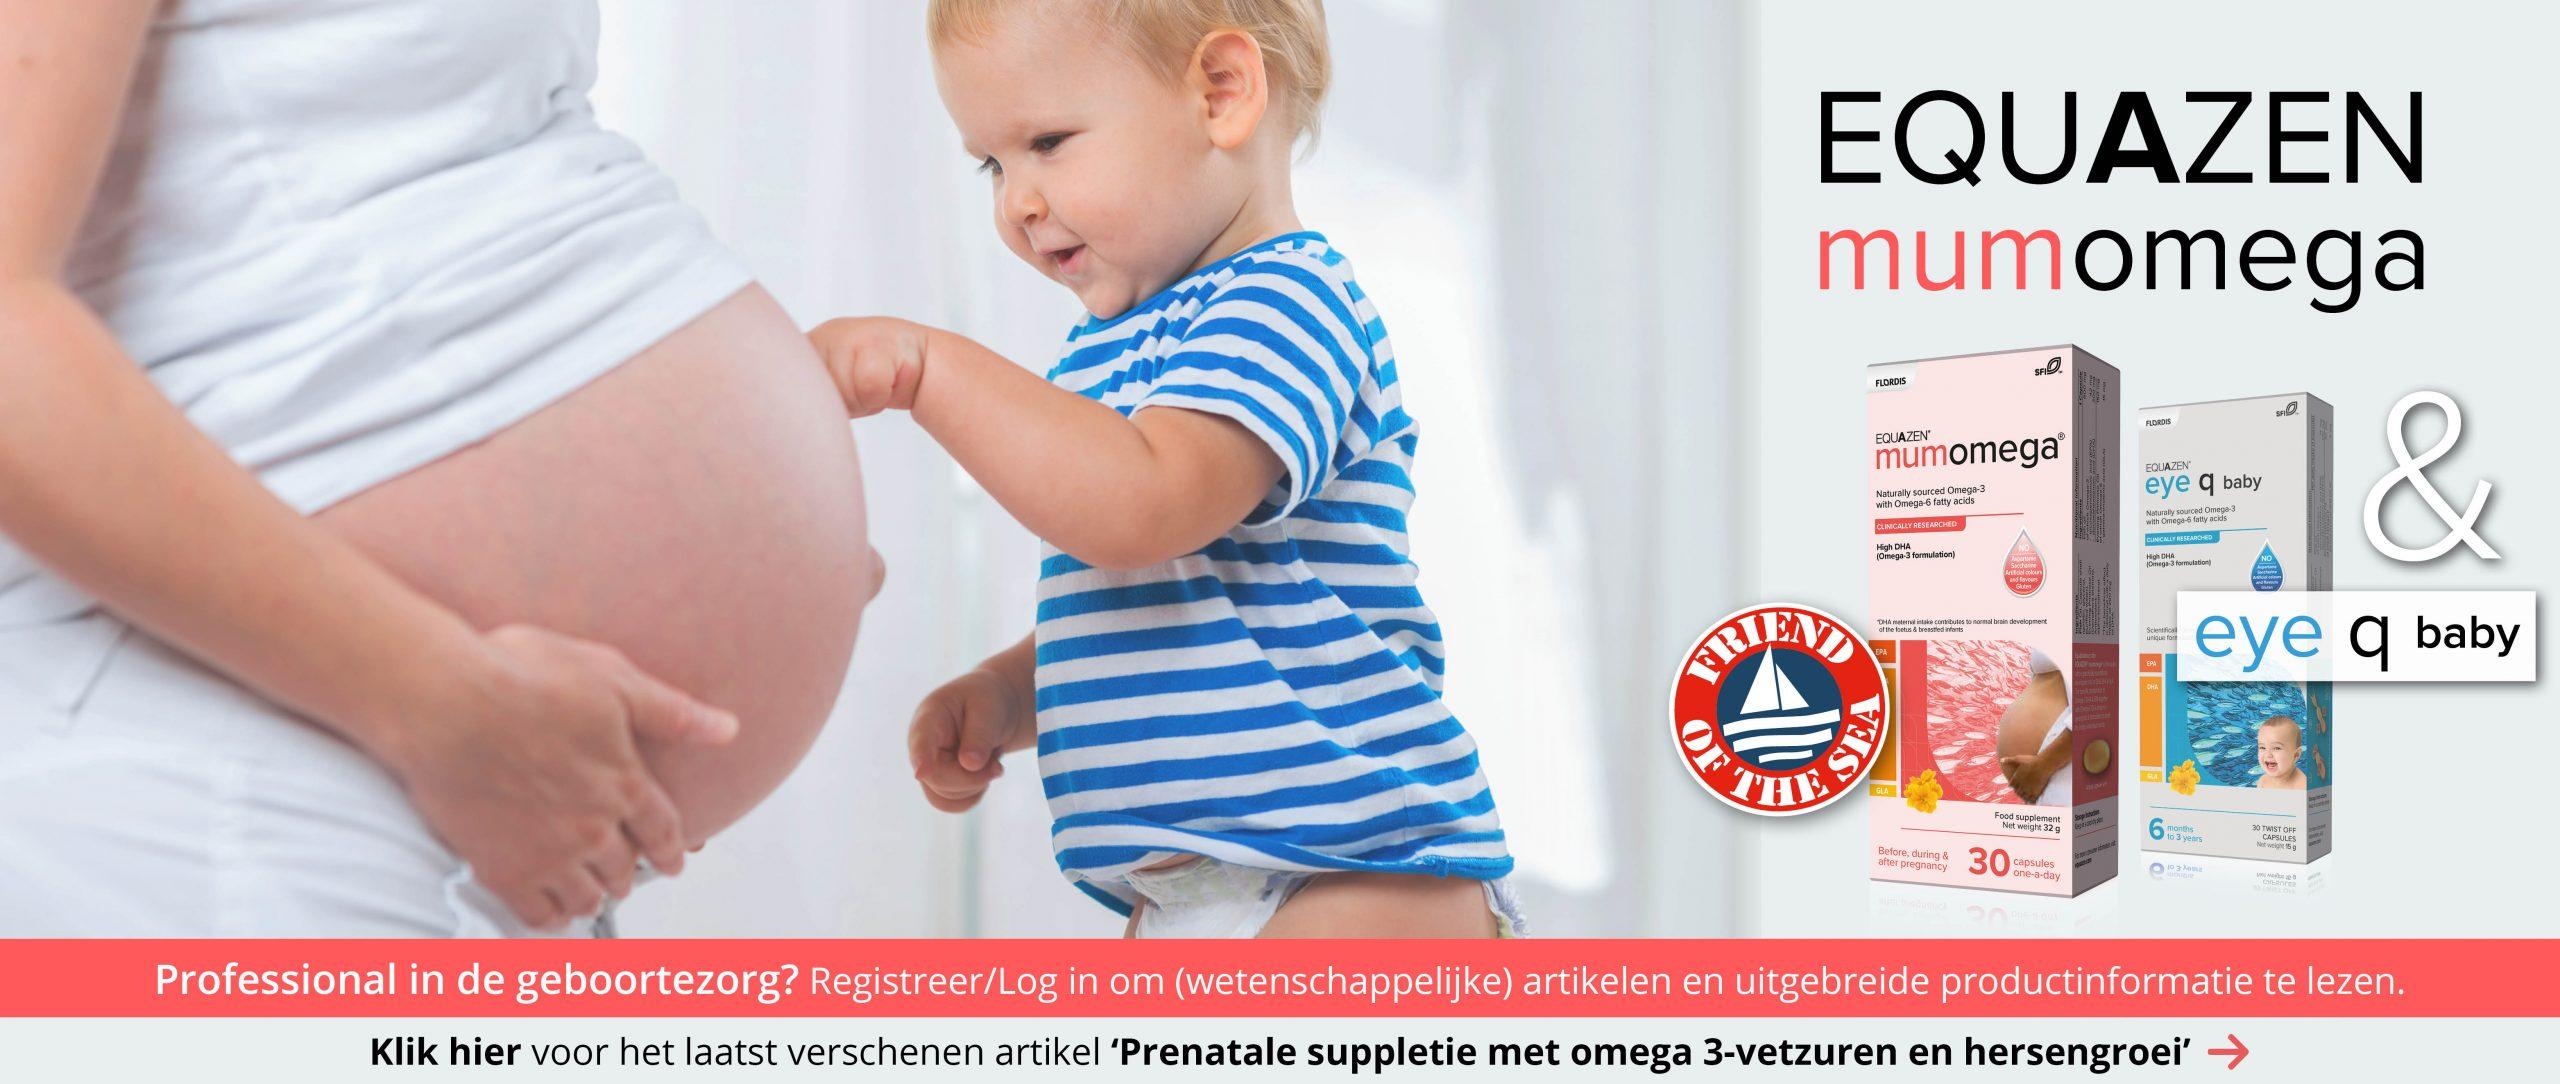 Prenatale suppletie met omega 3-vetzuren en hersengroei